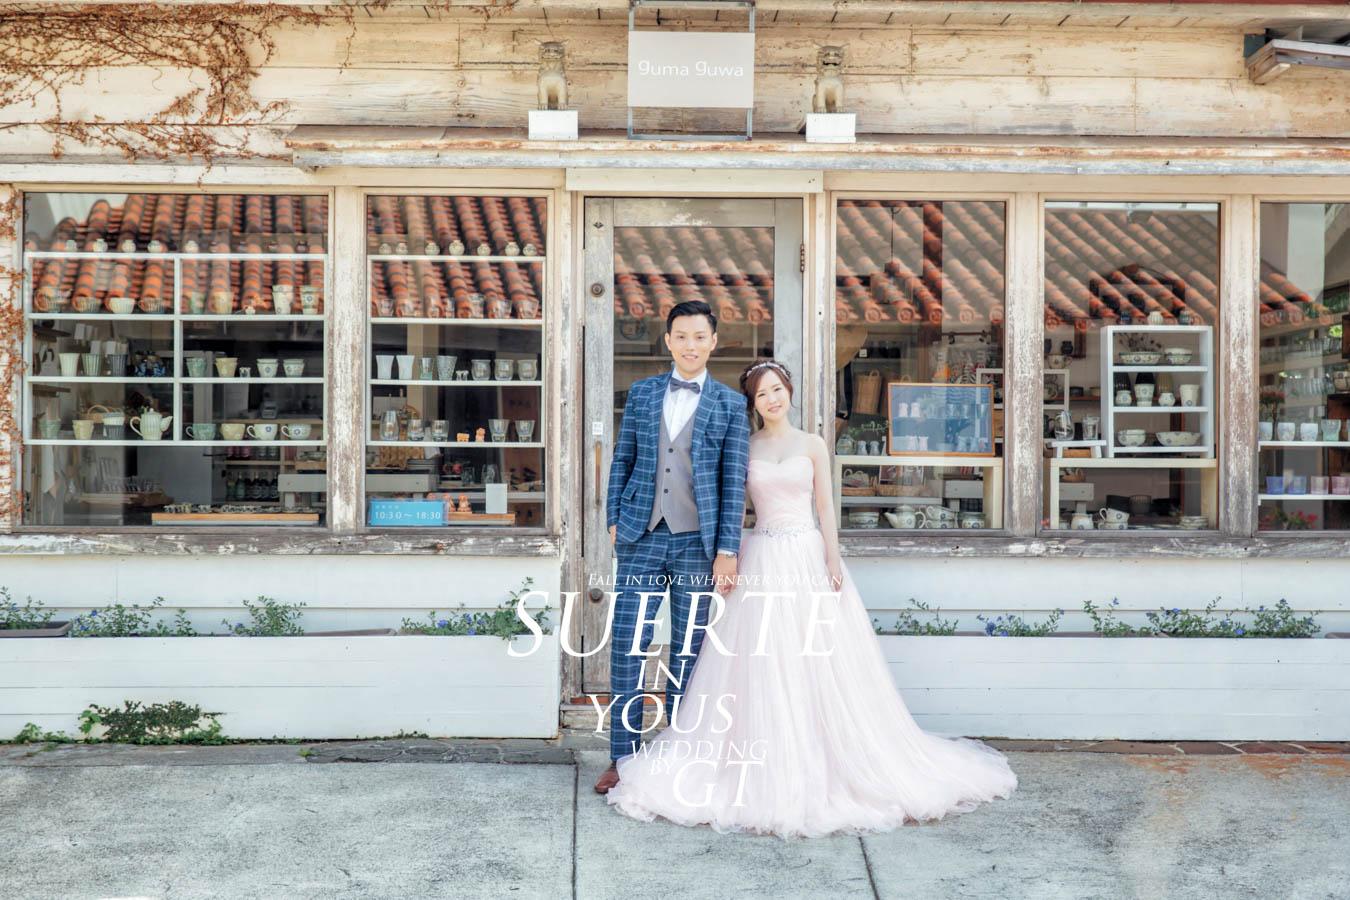 自助婚紗 | 書維+以晴   PREWEDDING 沖繩|海外婚紗|GT日本婚紗